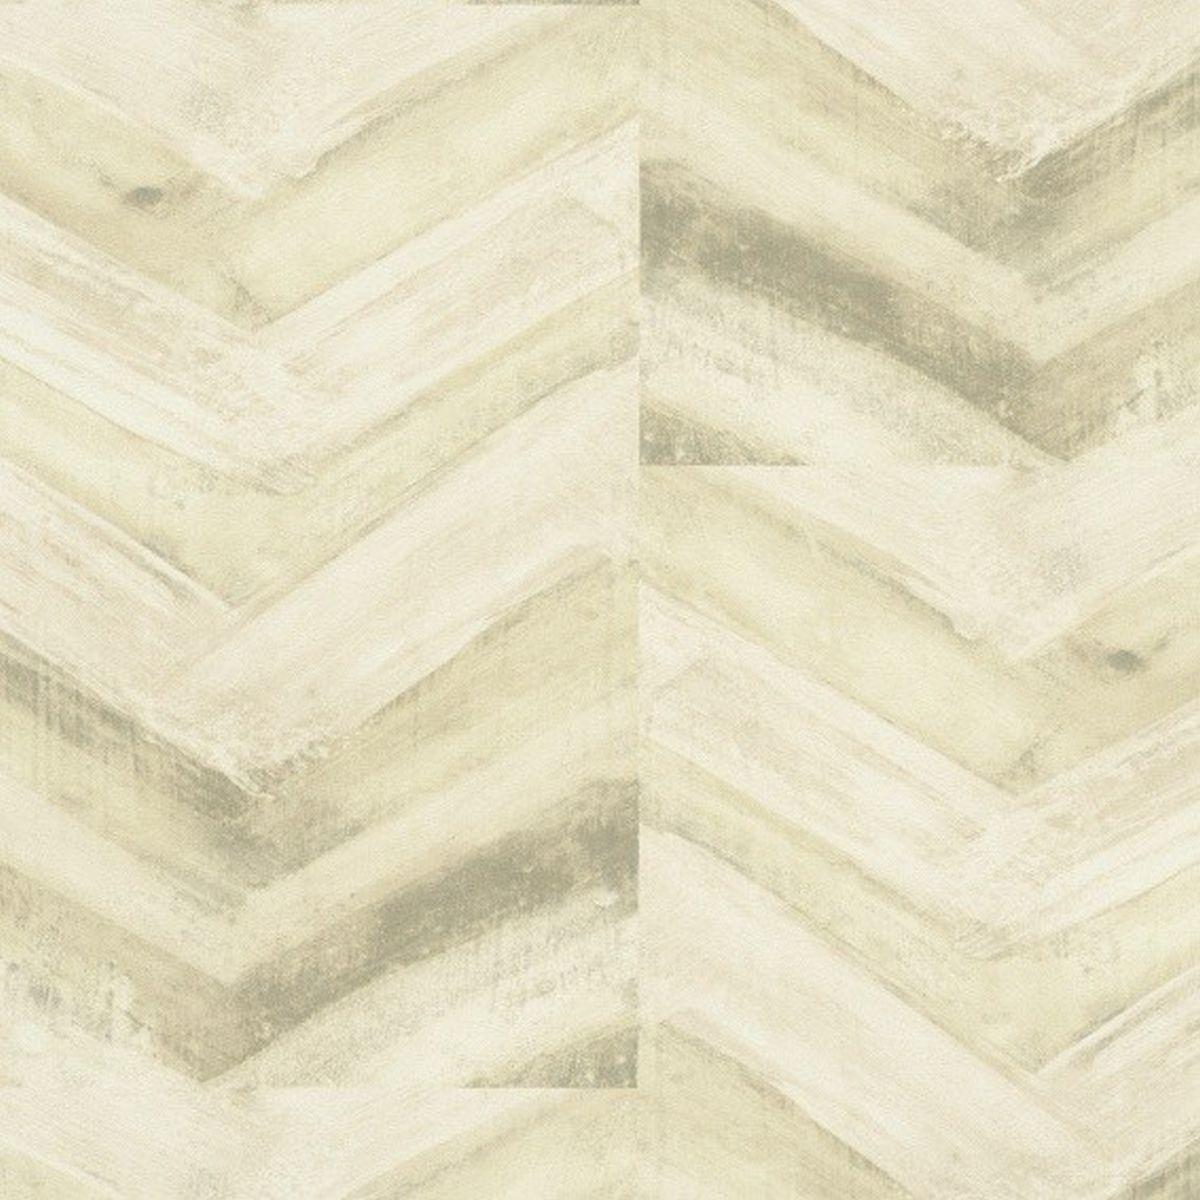 Erismann Vlies Tapete Kollektion Acquabella 635107 Holzoptik günstig online kaufen